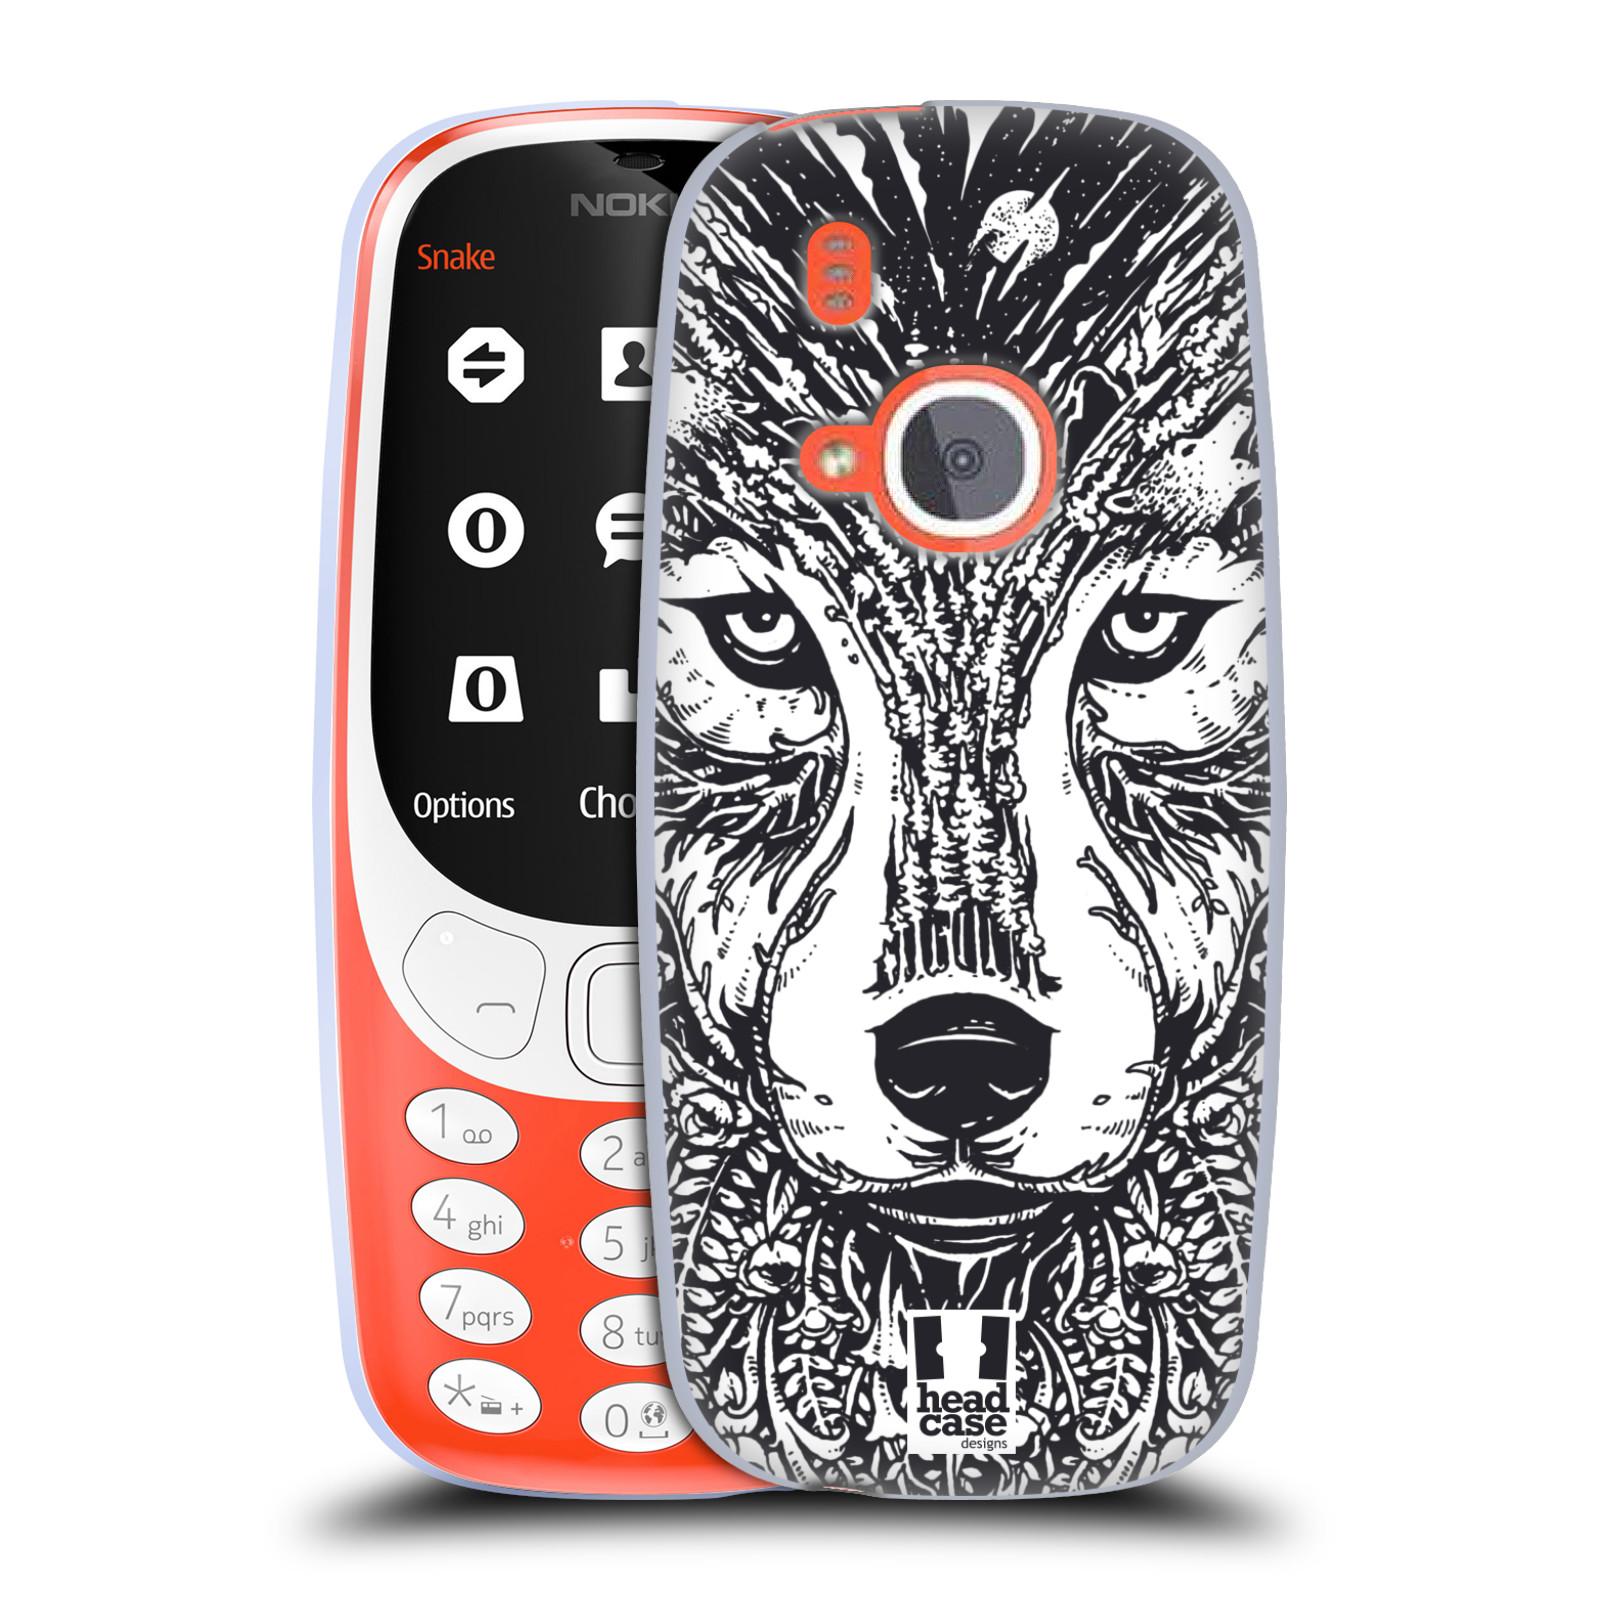 Silikonové pouzdro na mobil Nokia 3310 - Head Case - DOODLE TVÁŘ VLK (Silikonový kryt či obal na mobilní telefon Nokia 3310 (2017) s motivem DOODLE TVÁŘ VLK)